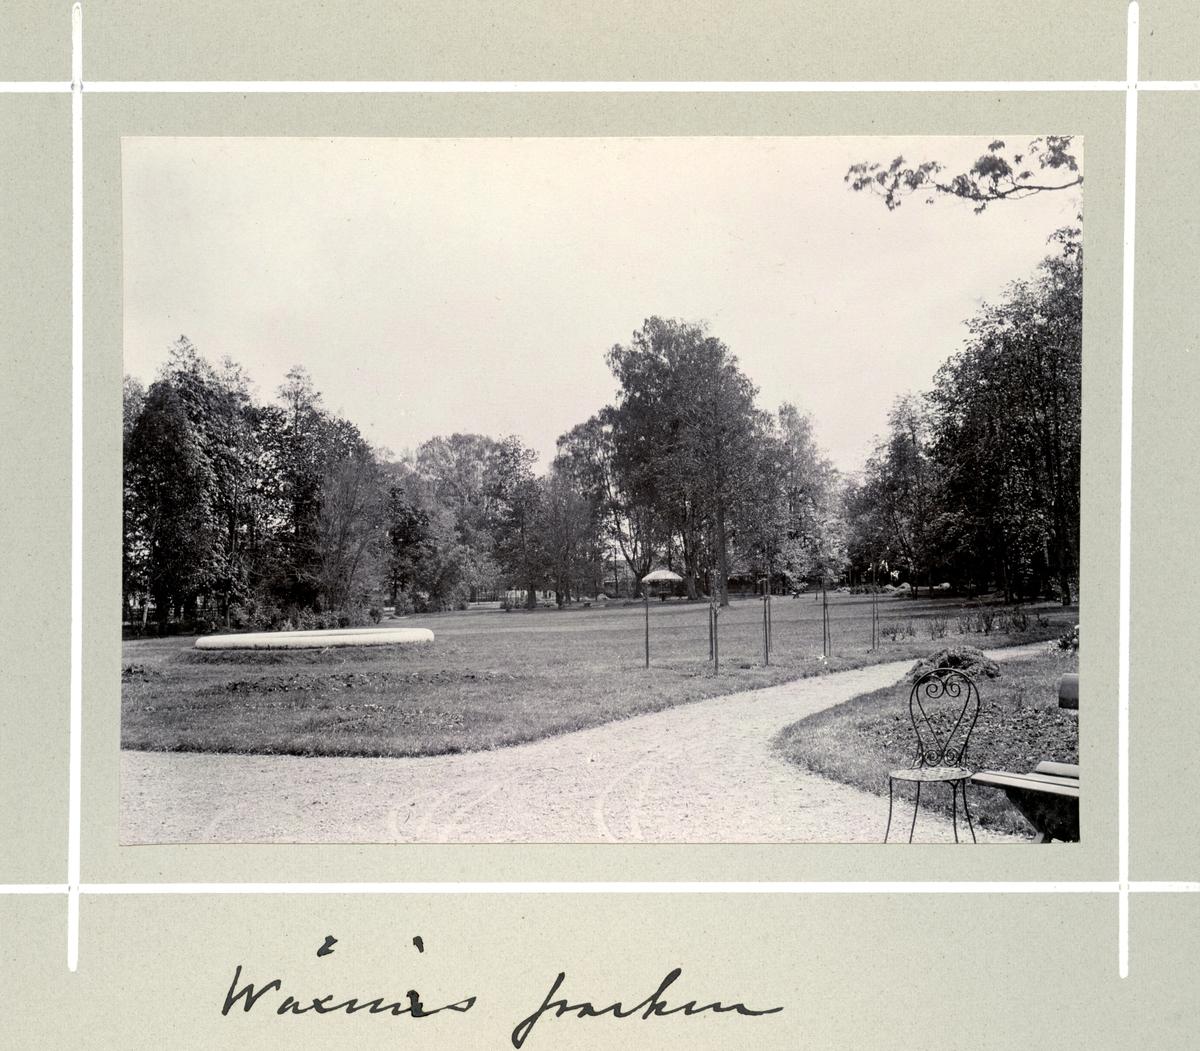 Bildserie tagen av August Malmborg (1875-1895), son till landshövding Adolf Malmborg, ägare till Våxnäs herrgård, och hans maka Julia, född Åkerhielm. Bilderna är tagna från tidigt 1890-tal fram till 1895 med bildtexten skriven av modern: Wåxnäs parken.